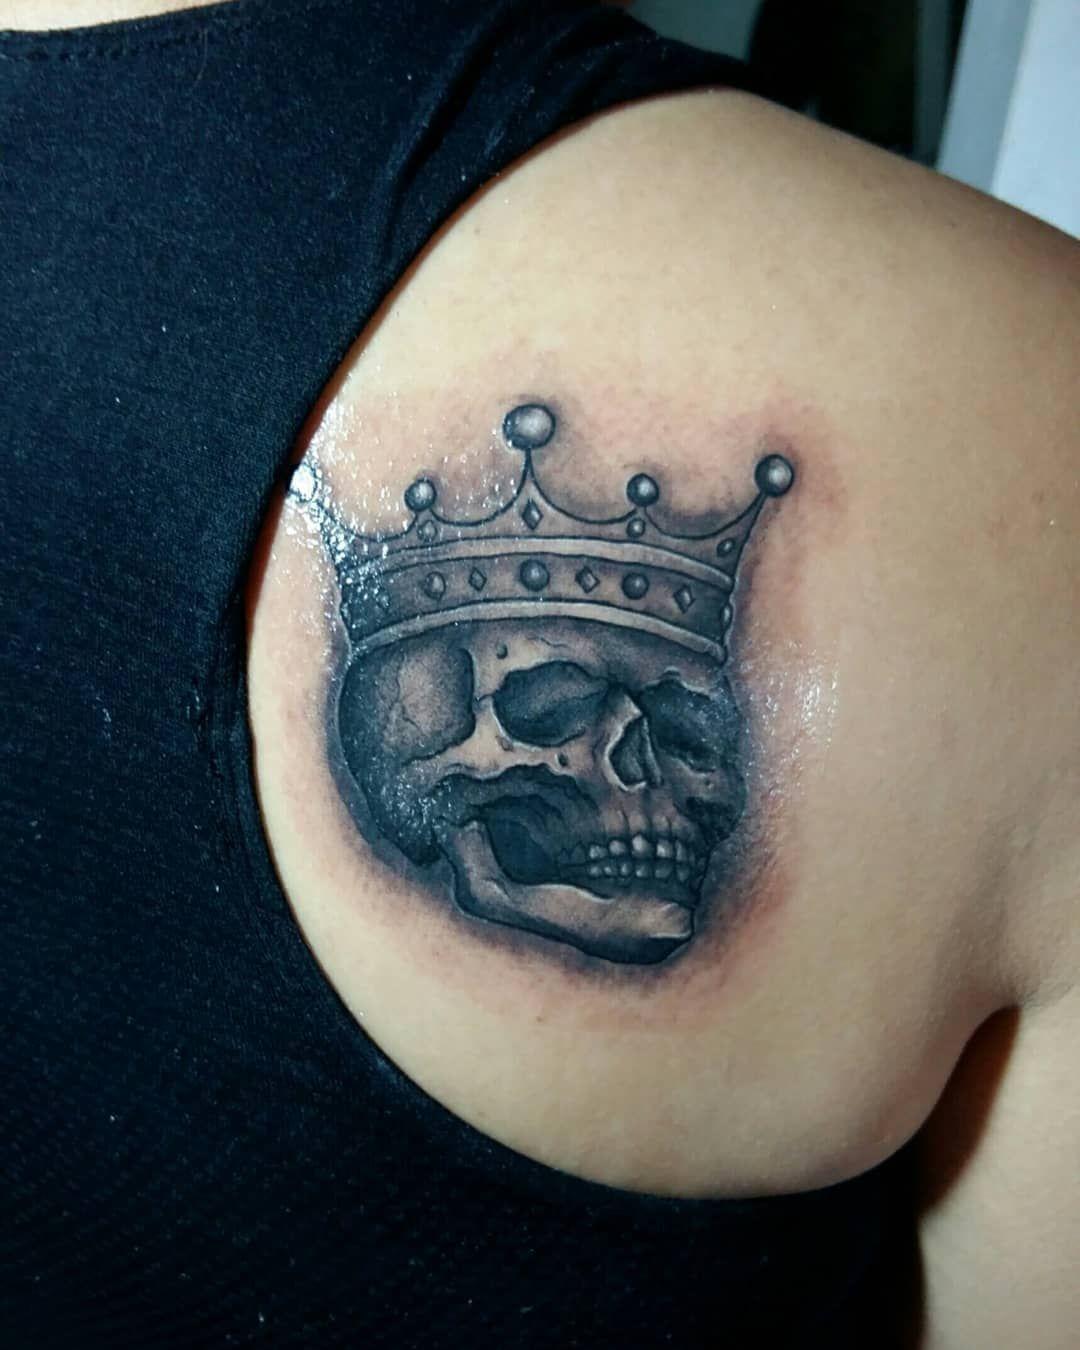 Calaveras. Tatuaje y diseño realizados en #chakaltattoo. Sucursal Catedral. Cuautitlan Edo. , Méx. . . . #blackwork #blackworktattoo #tatuadoresmexicanos #mexicantattooartist #ink #tattooshop #cuautitlan #mexicantattoers #tattoer #tattolife #tatuadoresmexicanos #tattoolove #cuautitlanizcalli #linework #lineworktattoo #blackandgrey #blackandgreytattoo #skull #skulltattoo